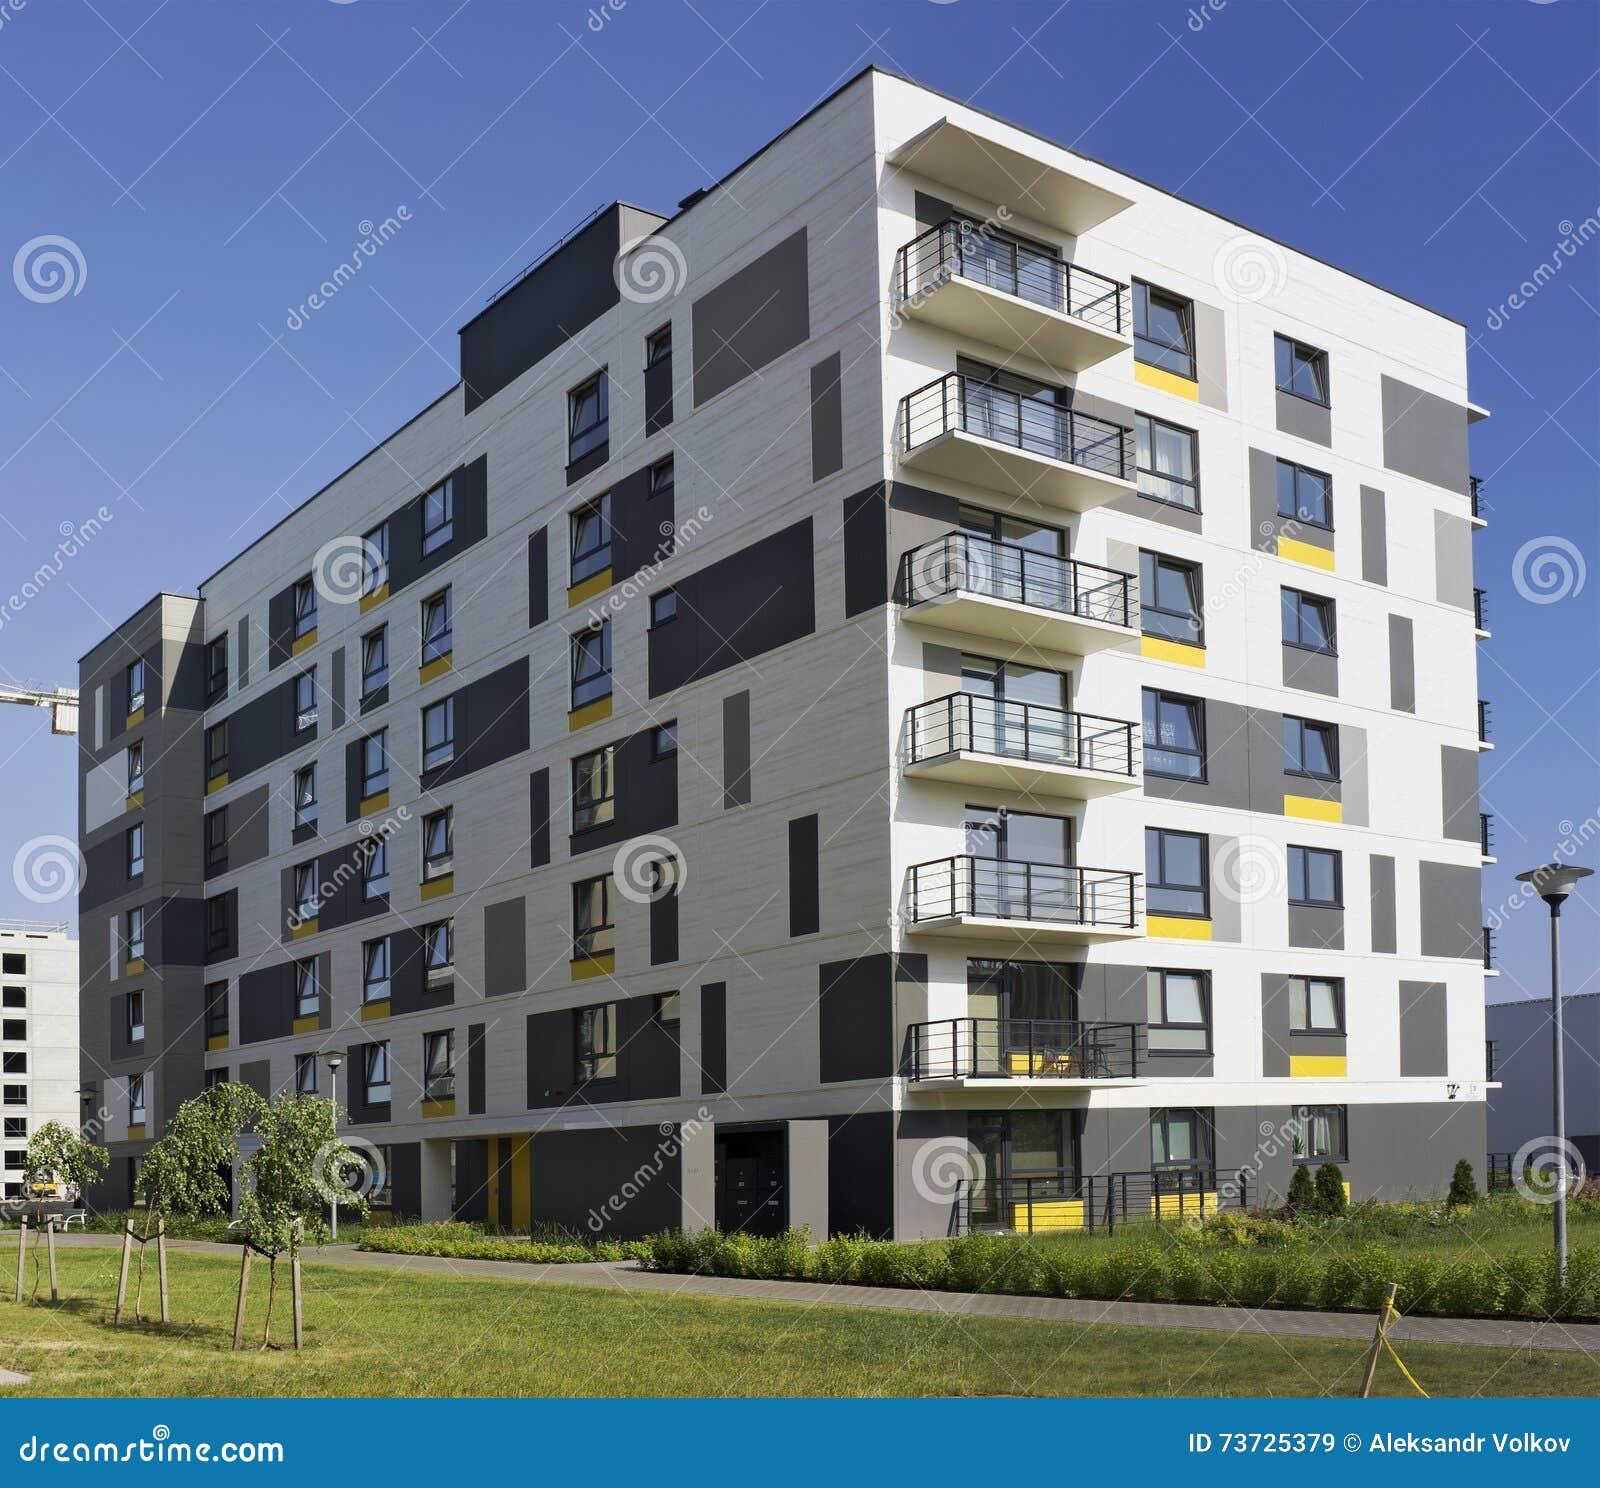 kosten haus gro bungalow fertighaus preis kampa preise modern google suche ideen pinterest und. Black Bedroom Furniture Sets. Home Design Ideas